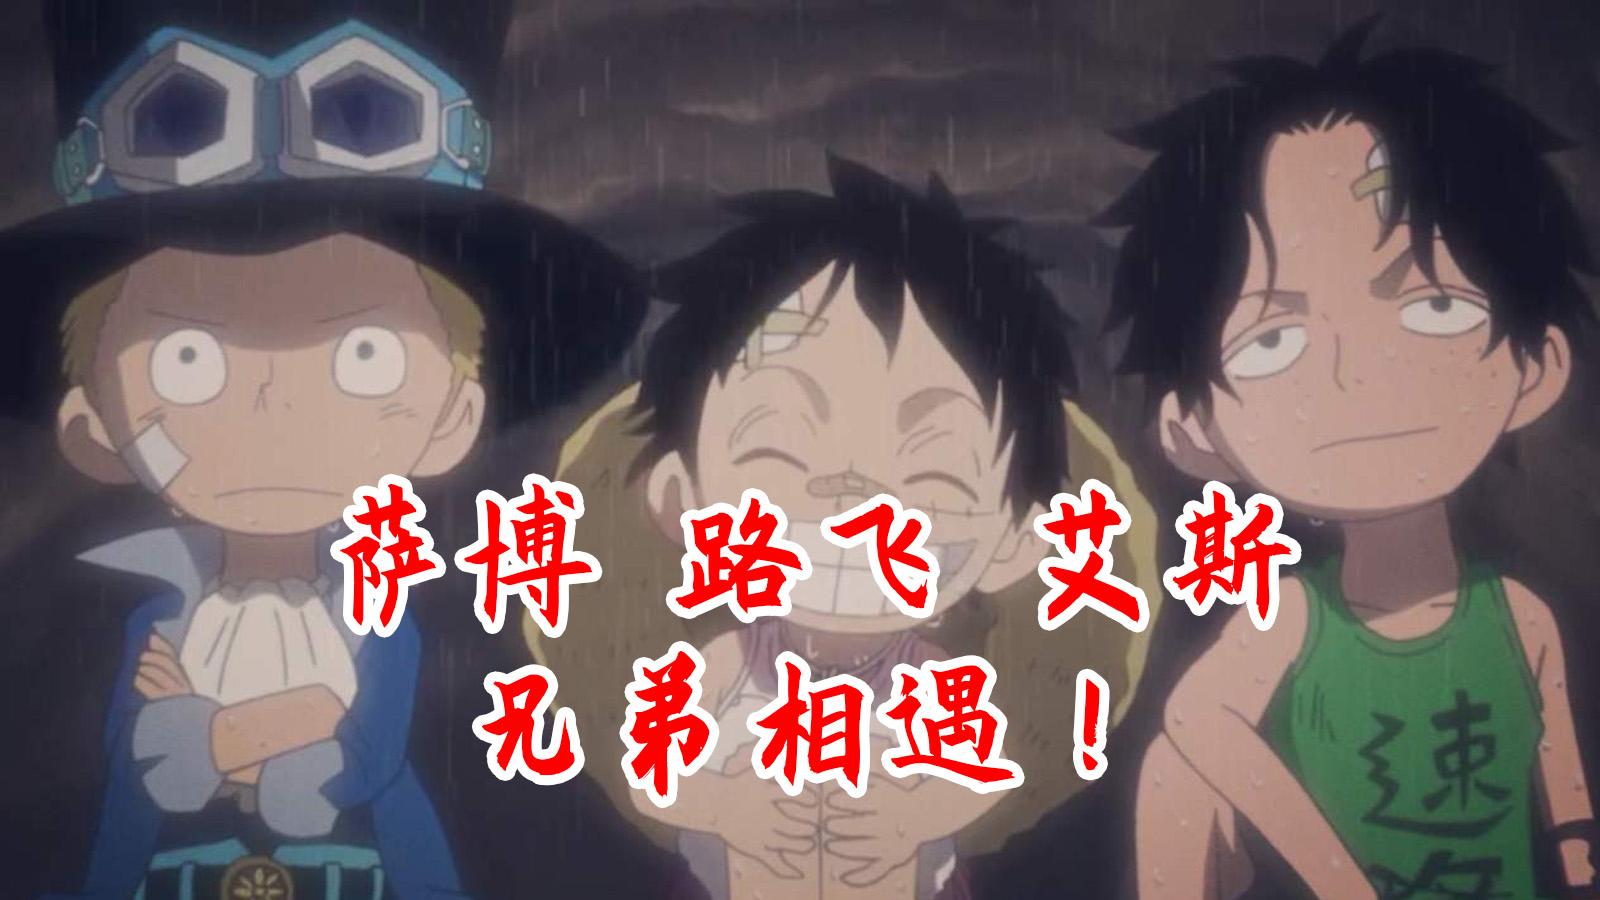 【速看海贼82期】萨博路飞艾斯!兄弟相遇的故事!——兄弟相遇的回忆篇01